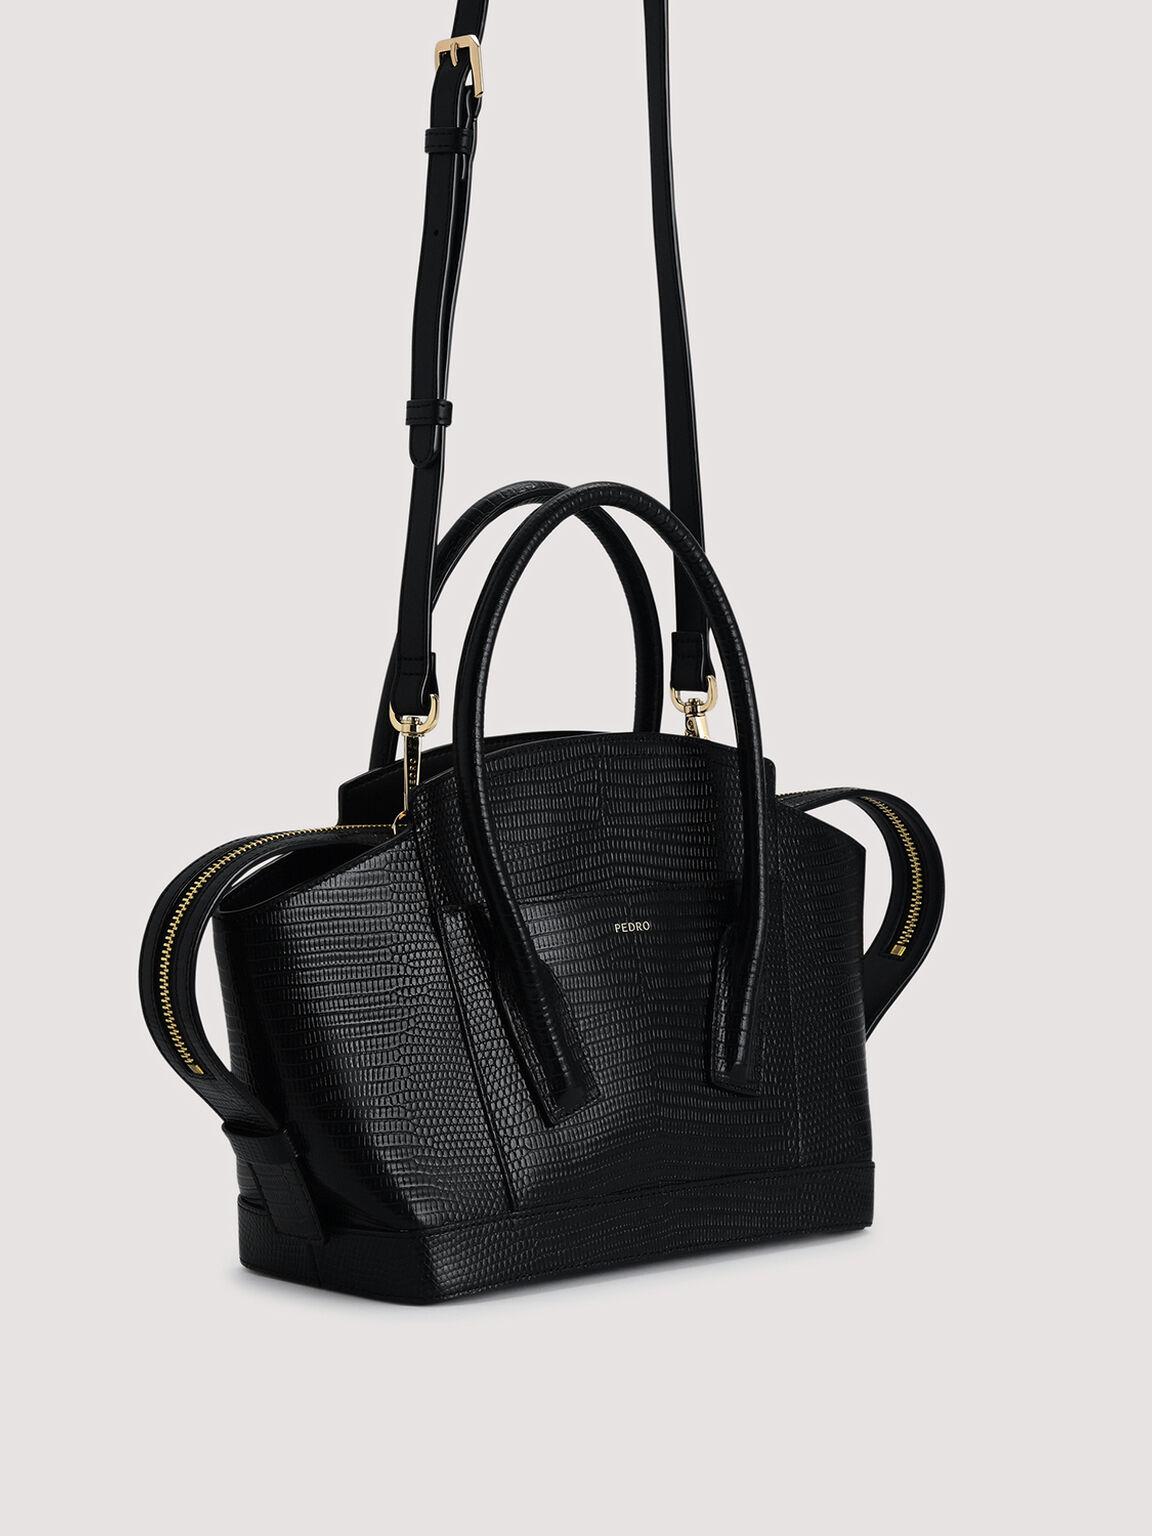 Embossed Leather Top Handle bag, Black, hi-res